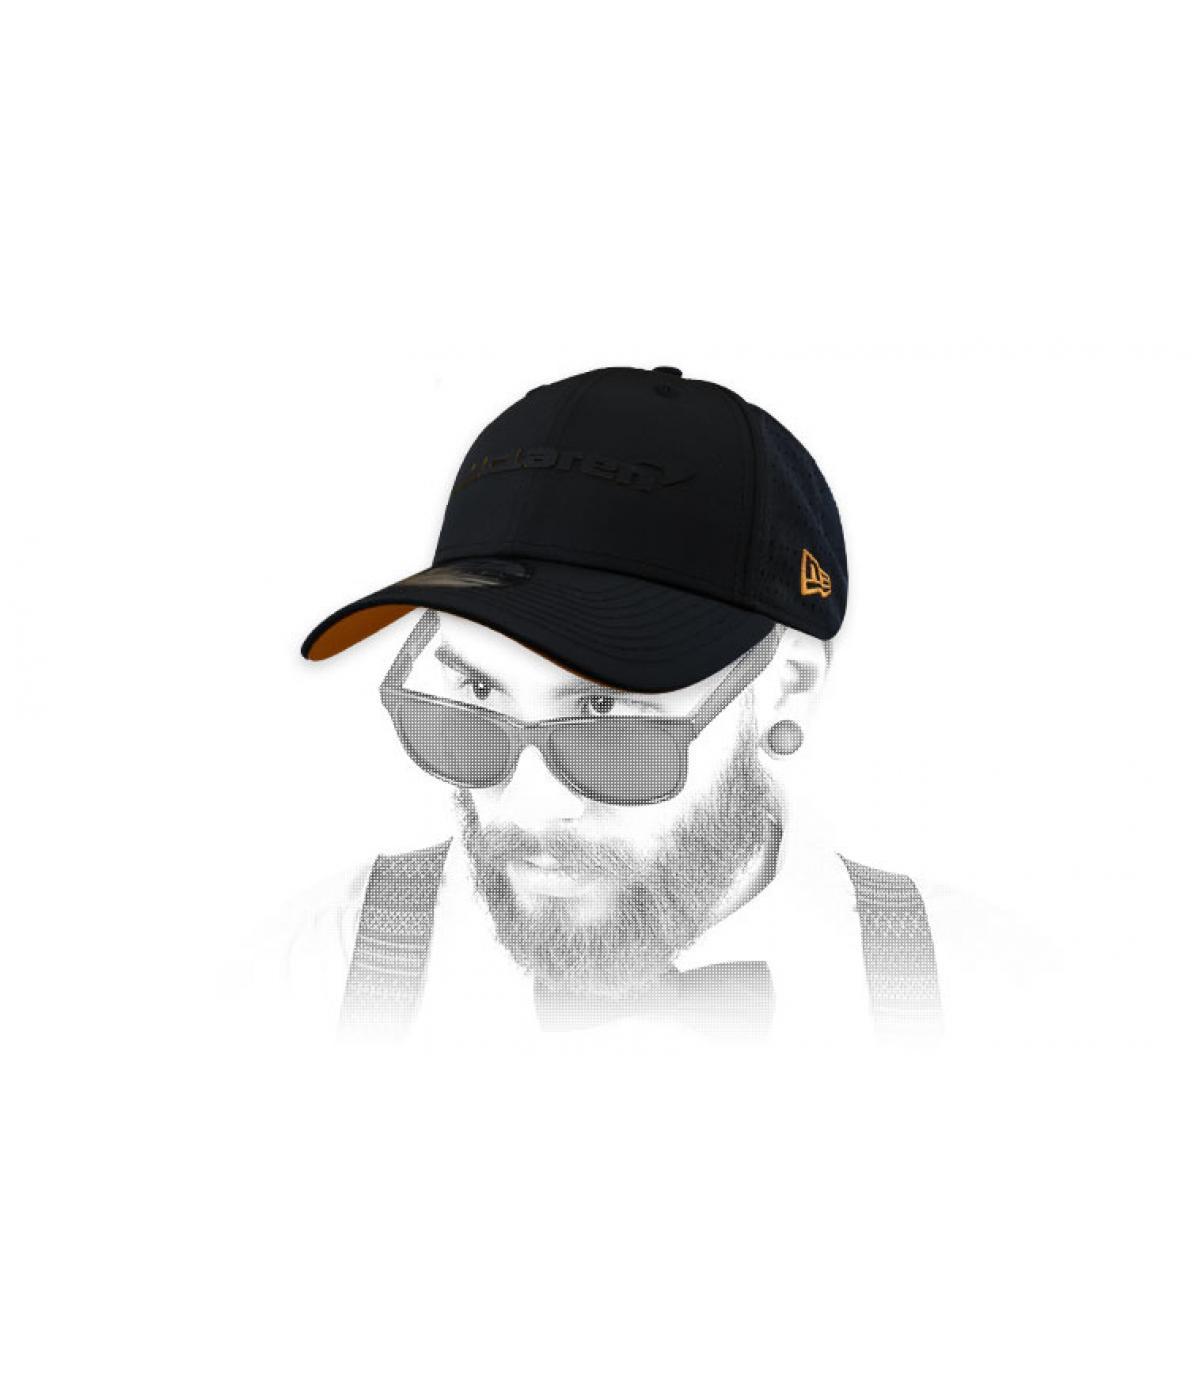 gorra McLaren negro